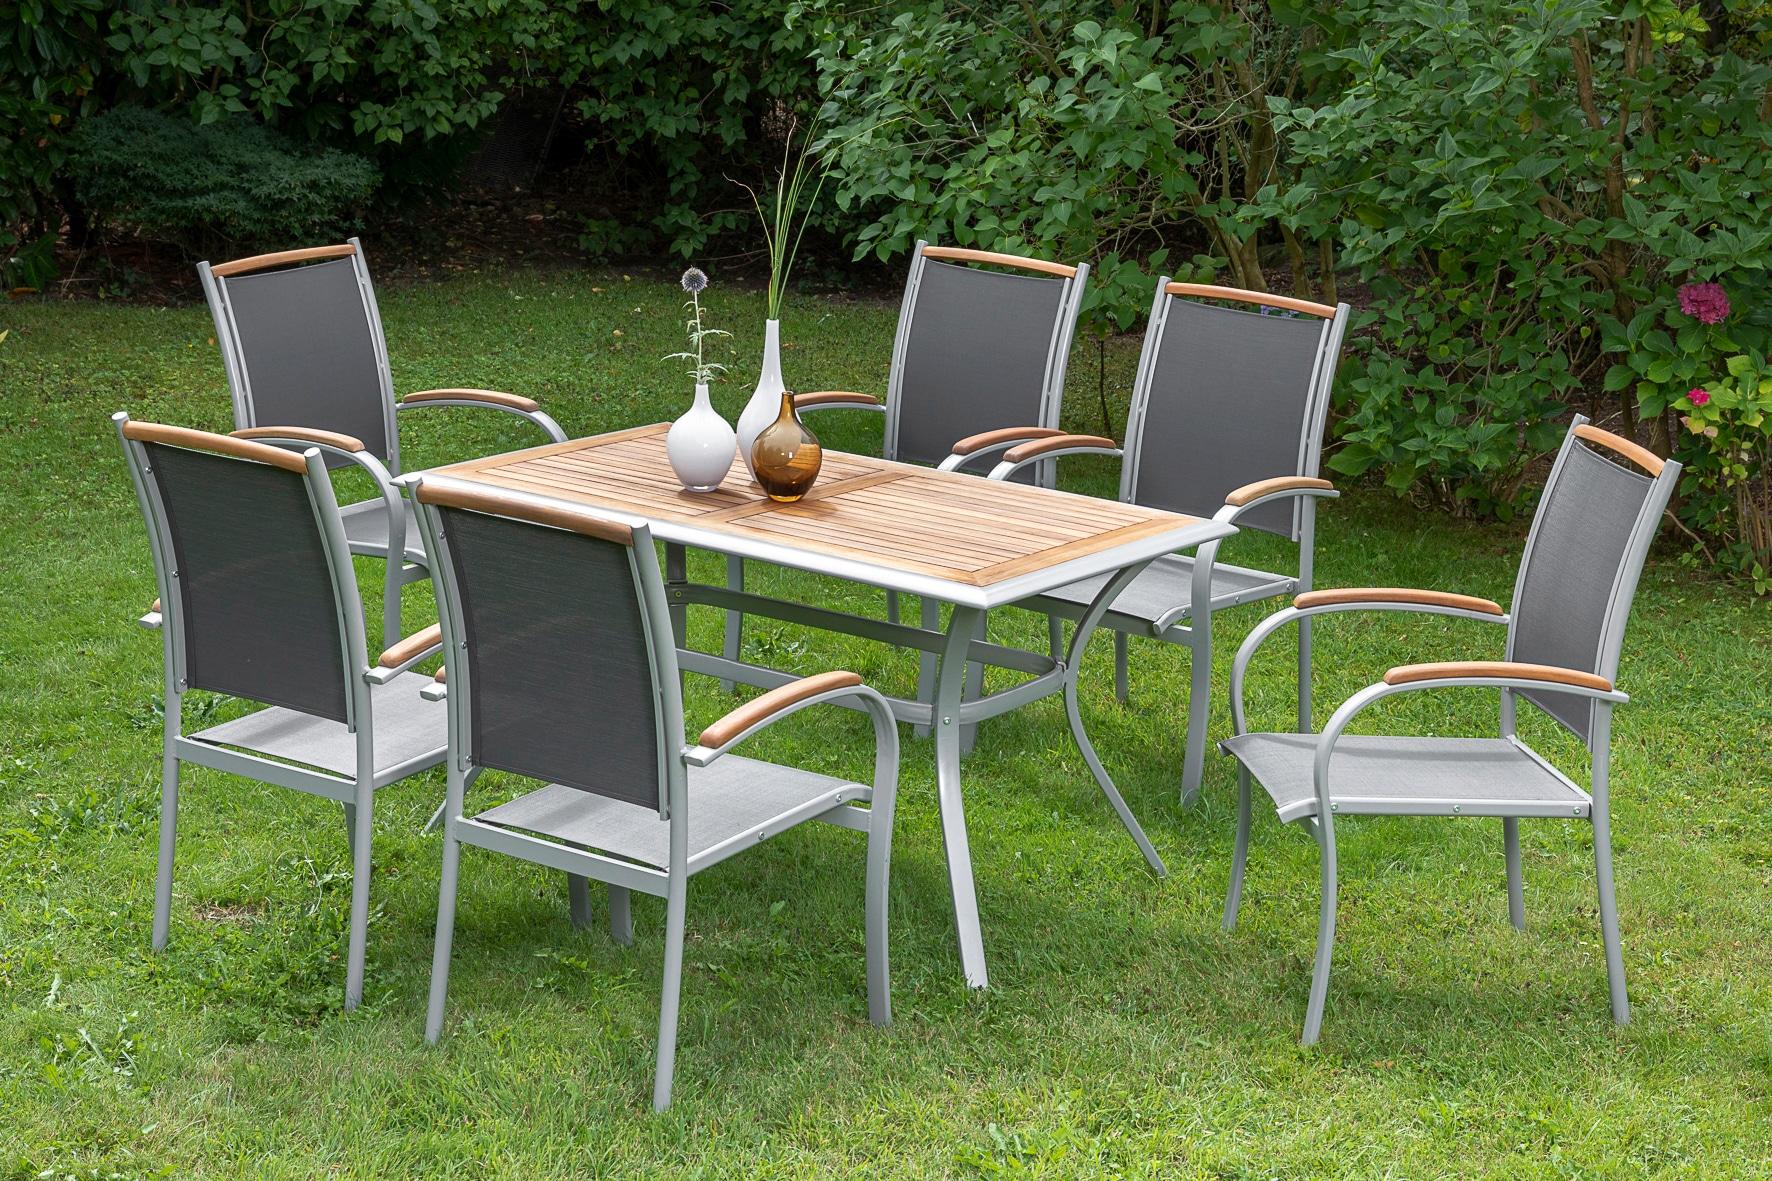 MERXX Diningset Siena 7-tlg 6 Sessel 1 Tisch 140x80 cm Aluminium